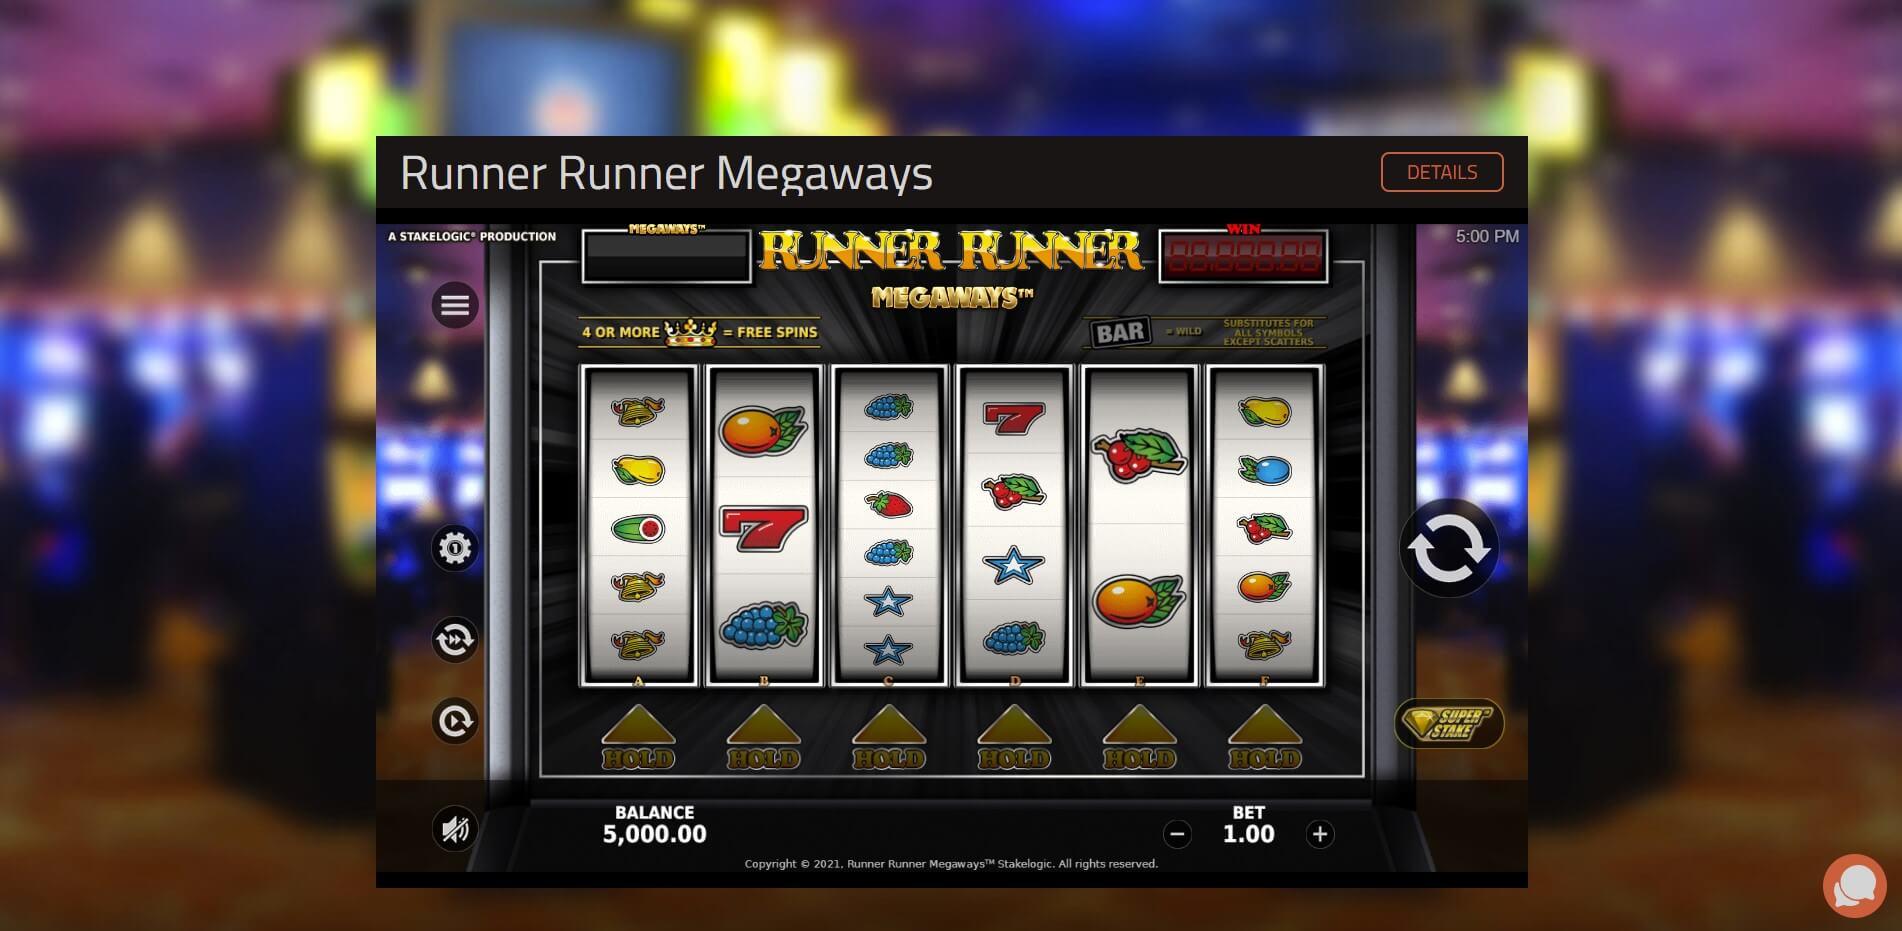 Game Play at 777Bay Casino